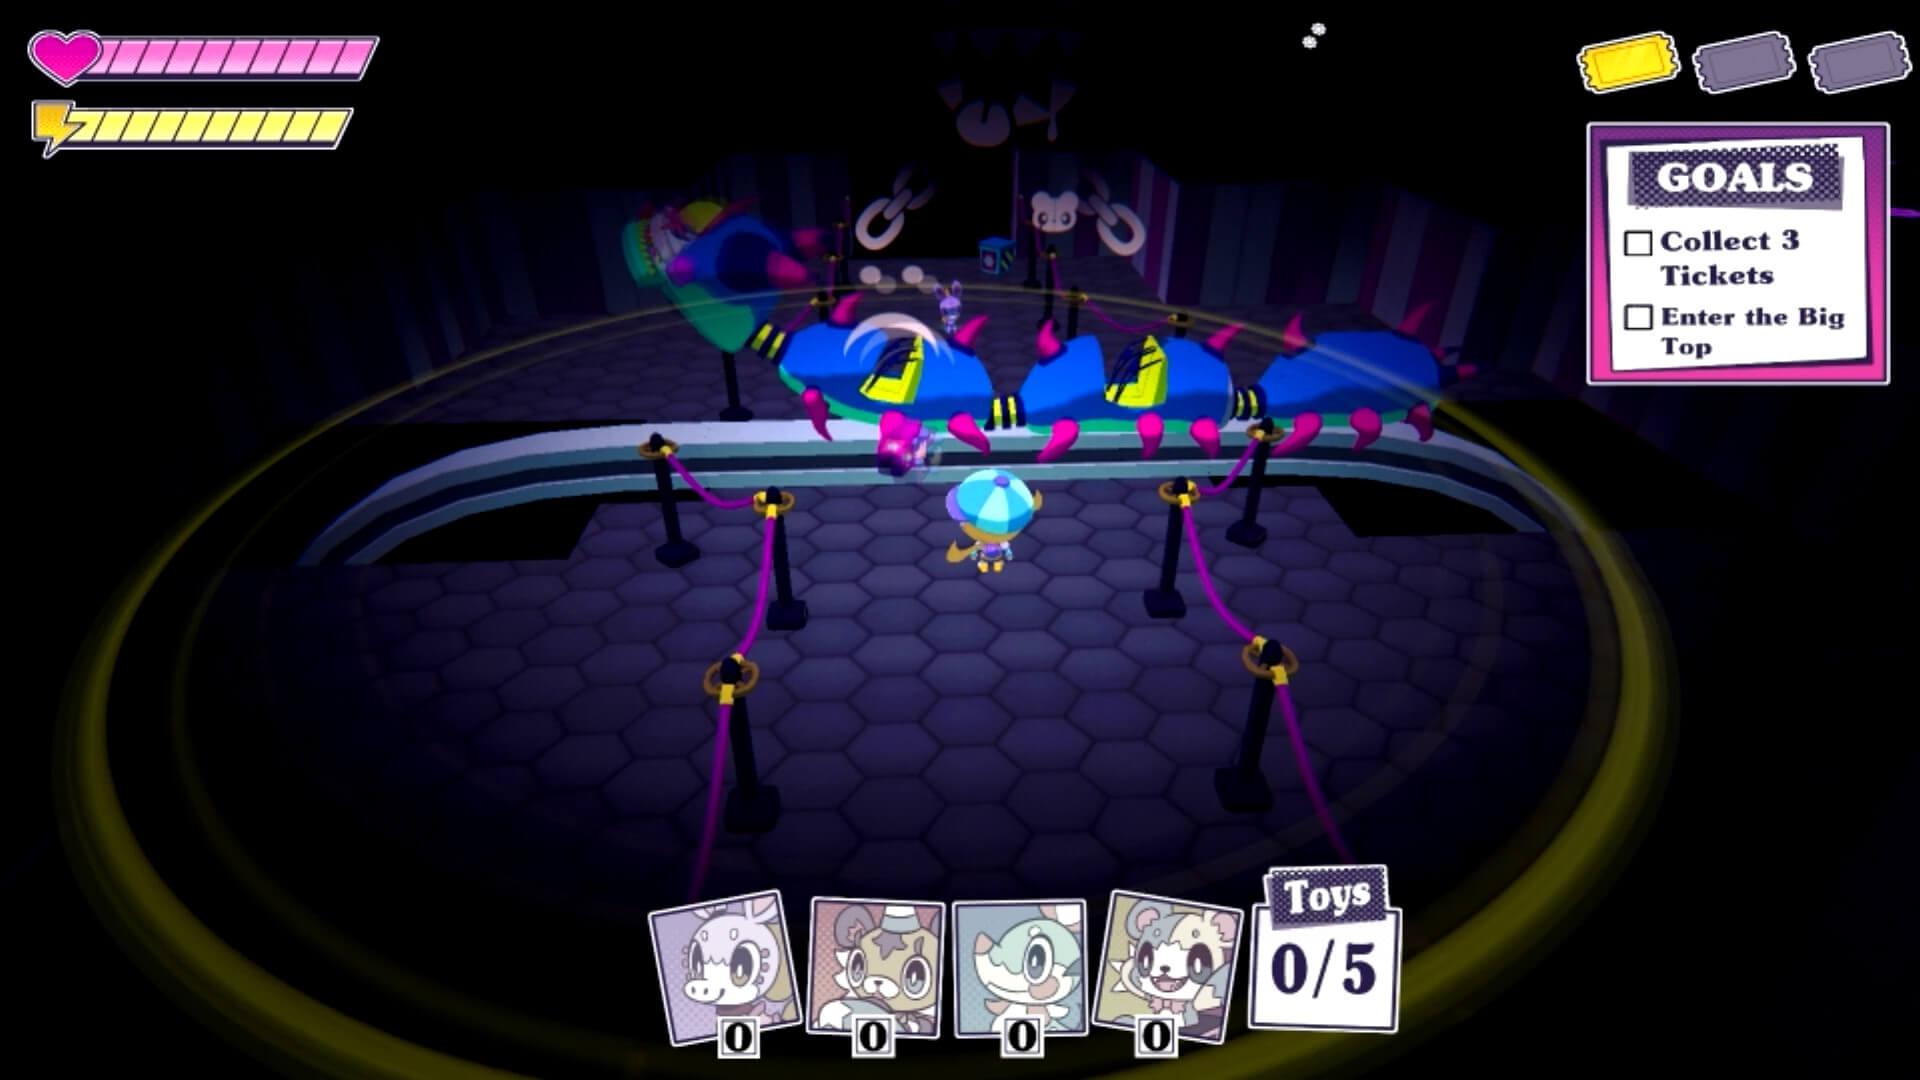 Lost circus by Team Quail